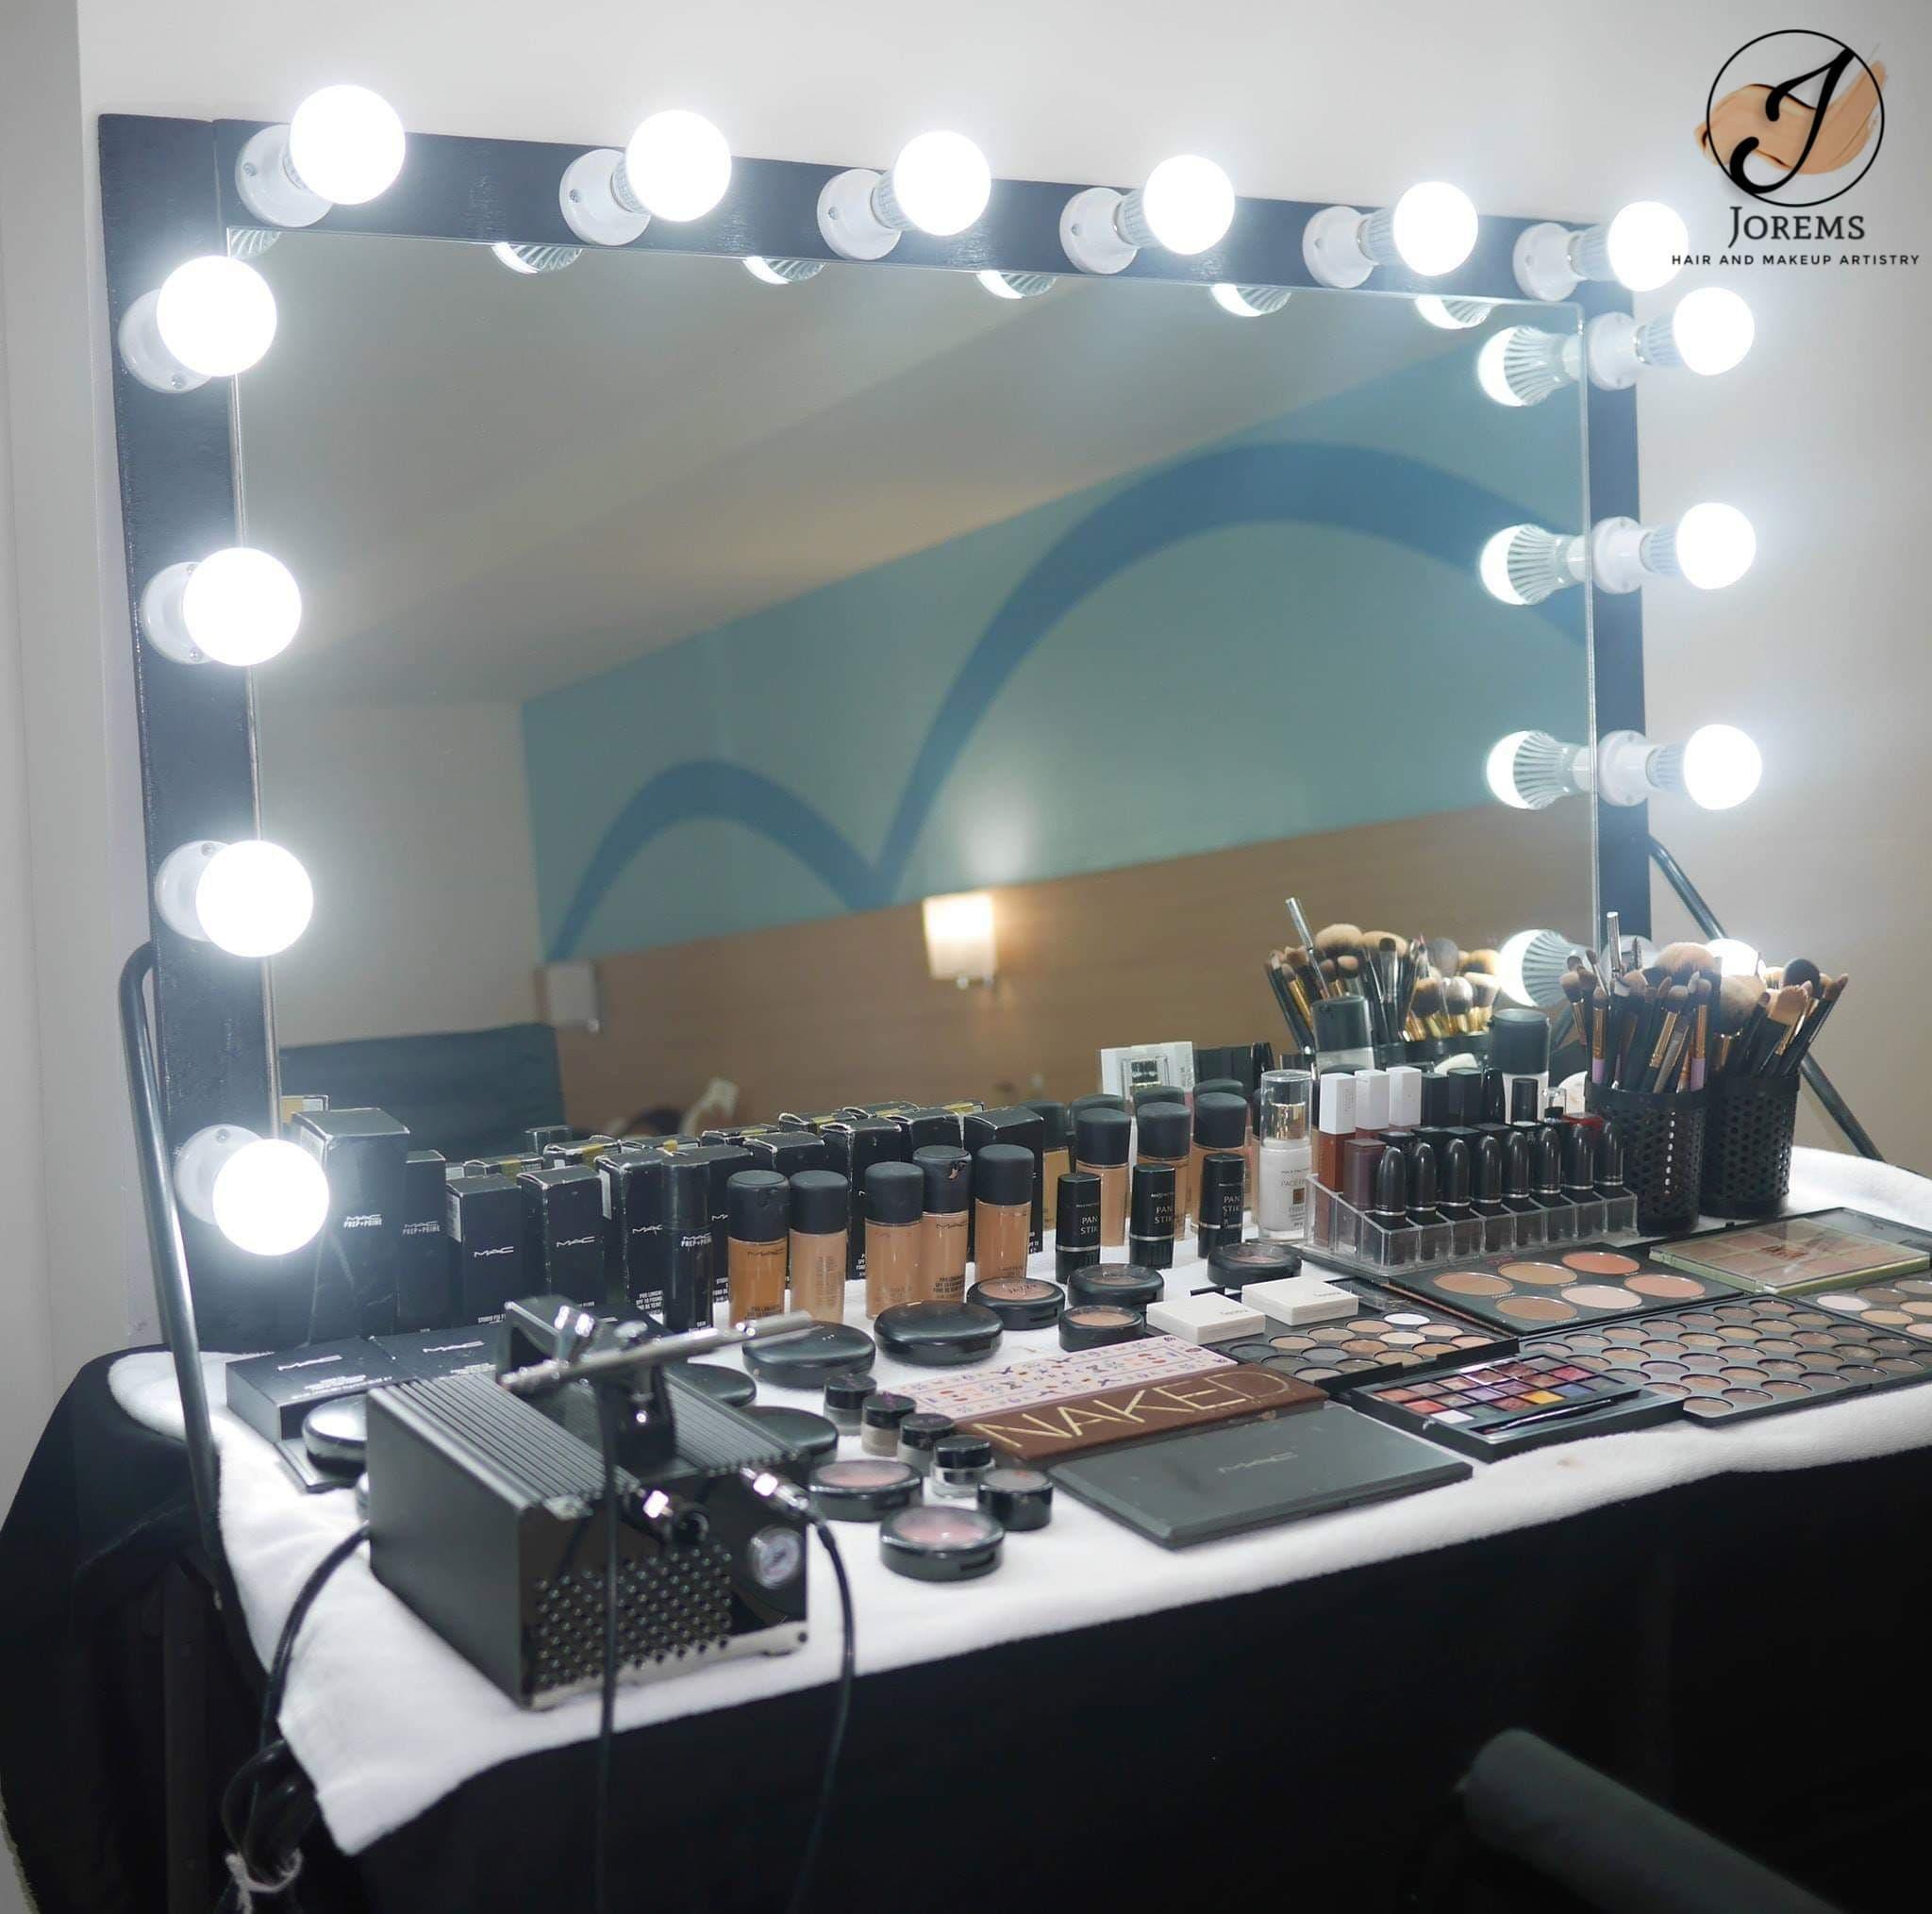 Jorems Hairandmakeup Set up Manila